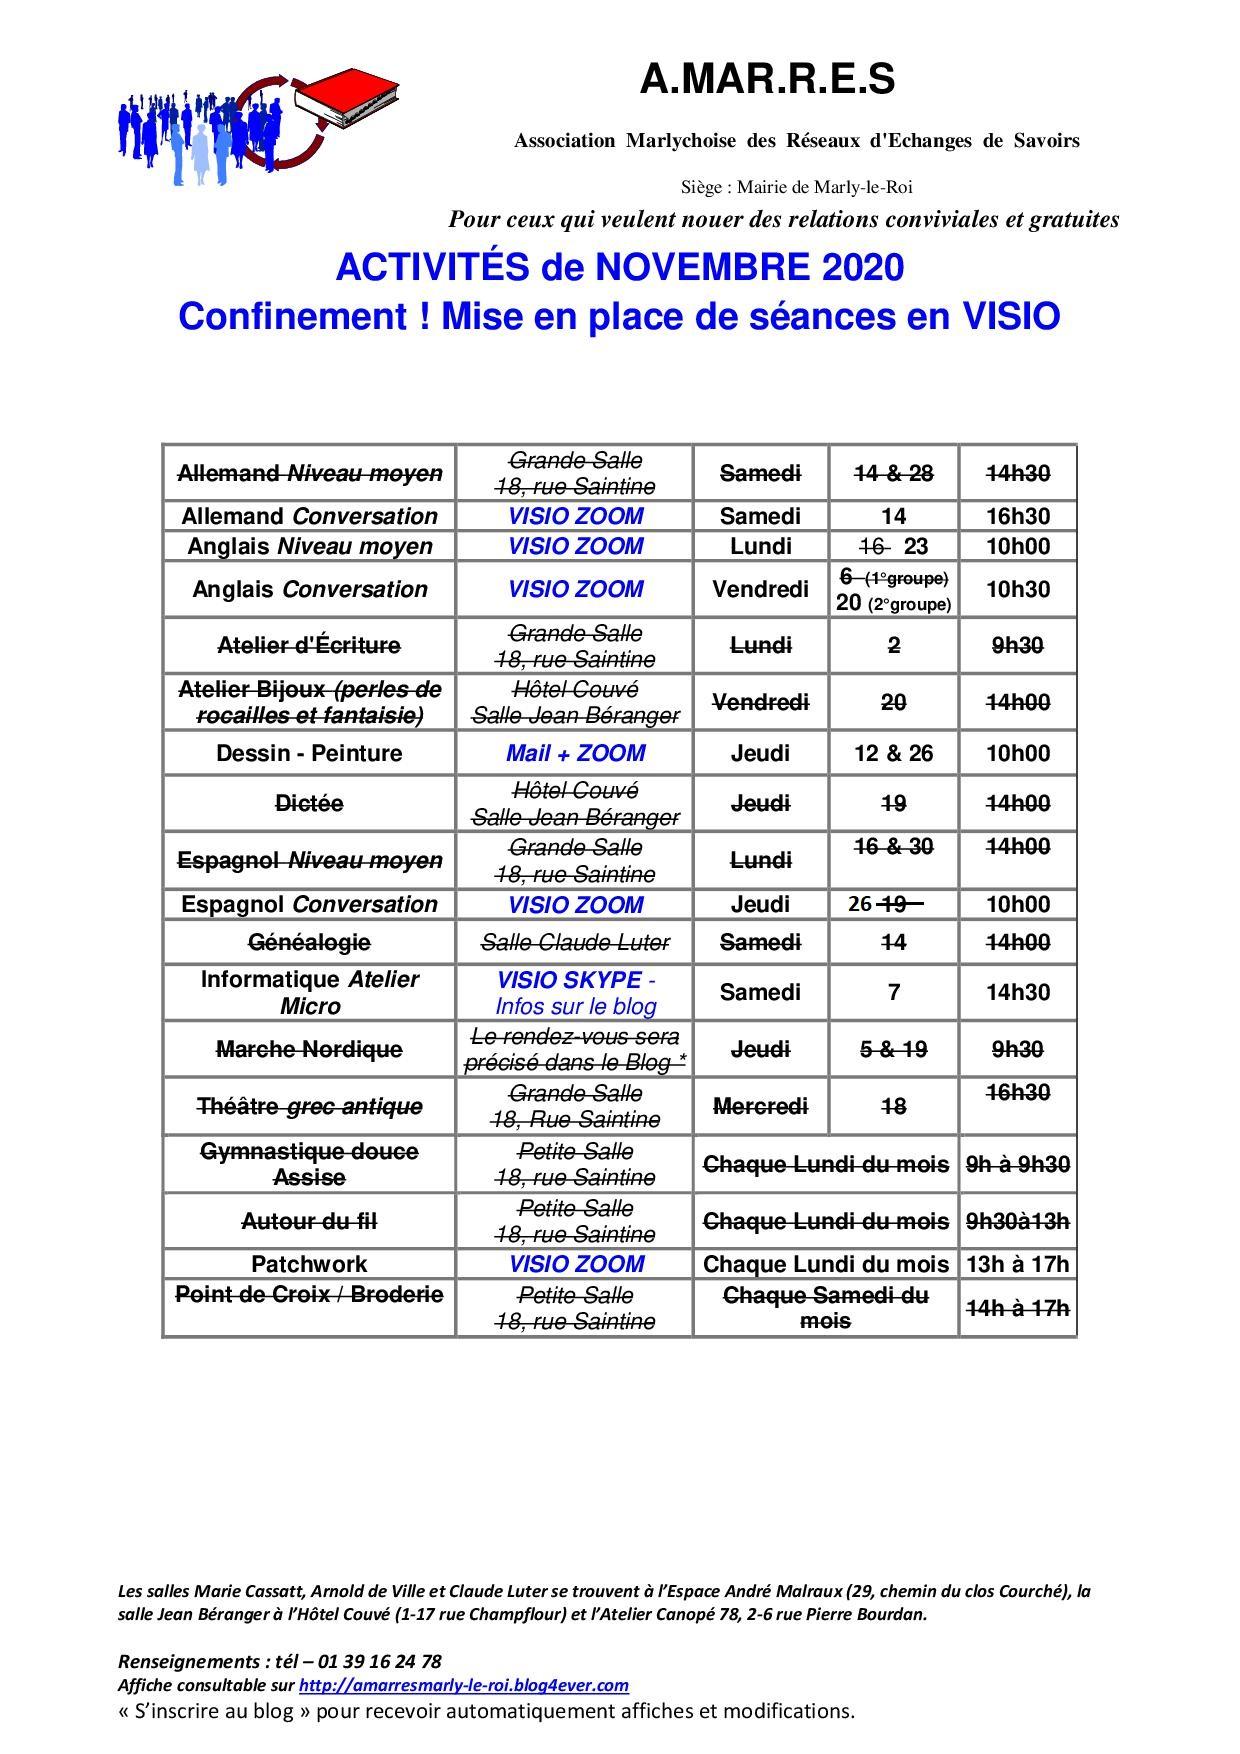 Affiche 2020-11 VD confinement.jpg